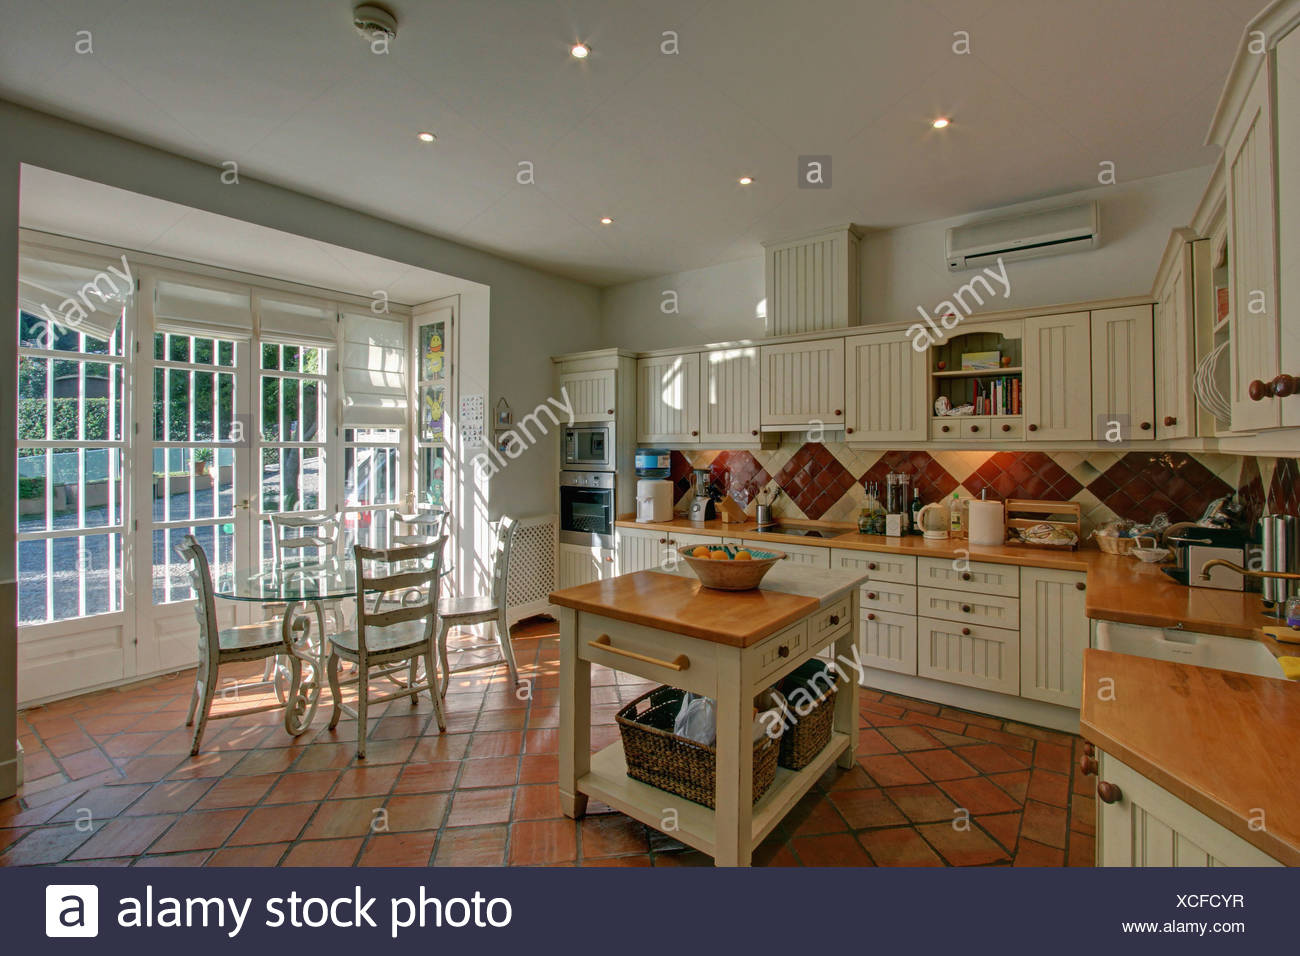 Metzgerei-Block im Landhausstil spanische Küche mit Terrakotta ...